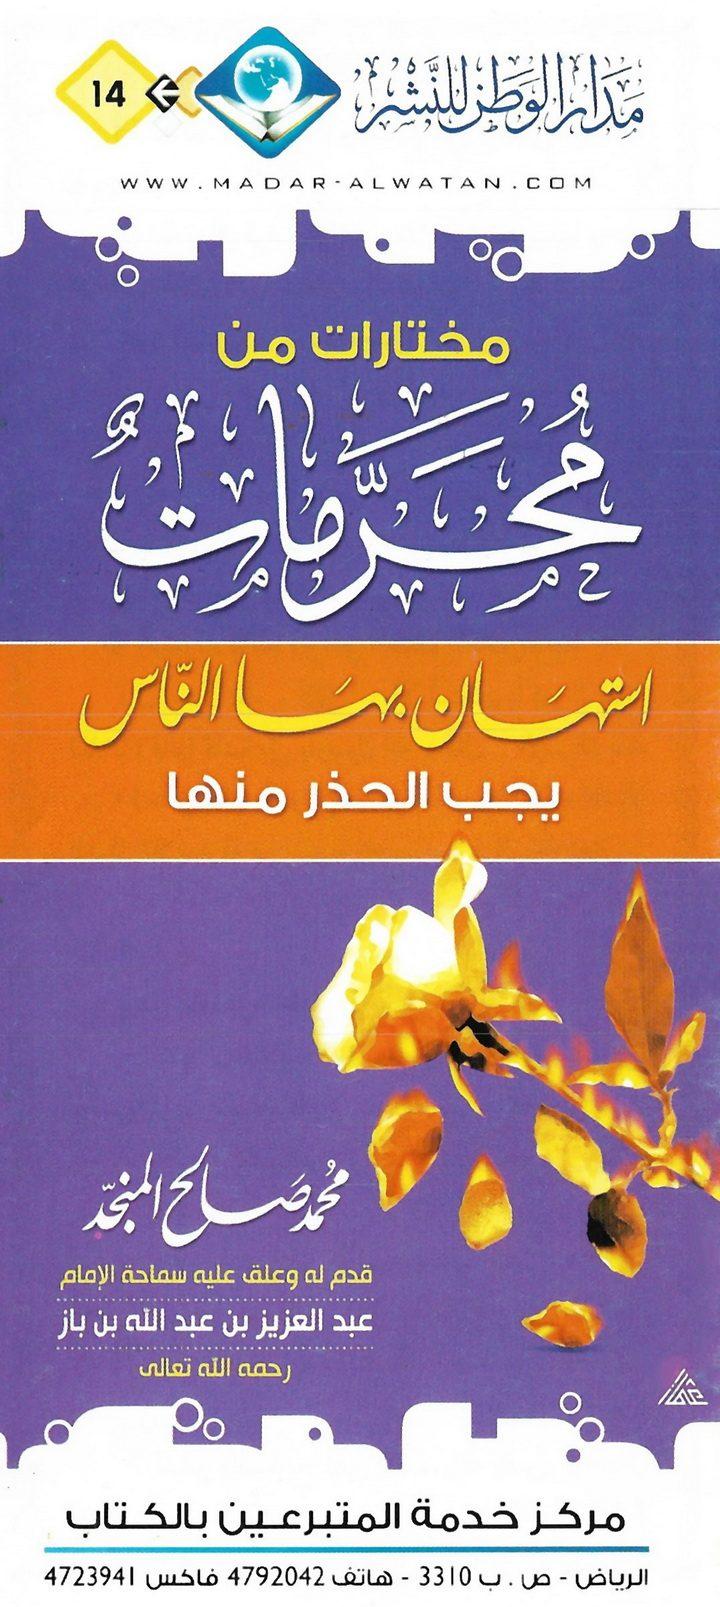 مختارات من محرّمات استهان بها النّاس يجب الحذر منها (محمد صالح المنجد – مدار الوطن للنشر)